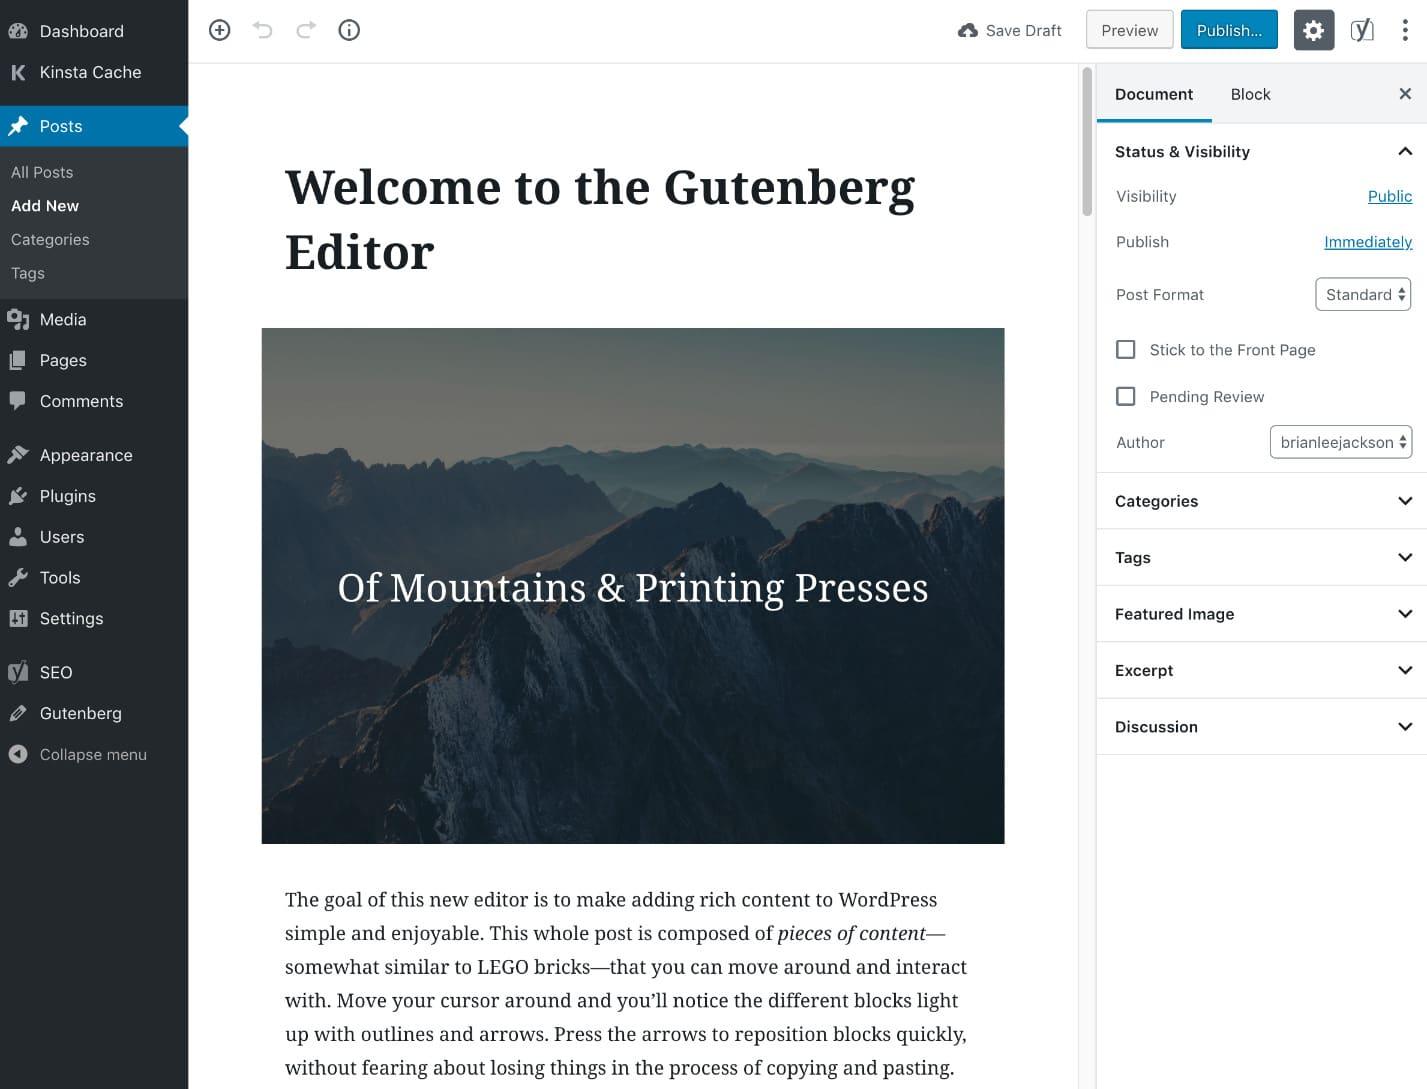 Editor Gutenberg